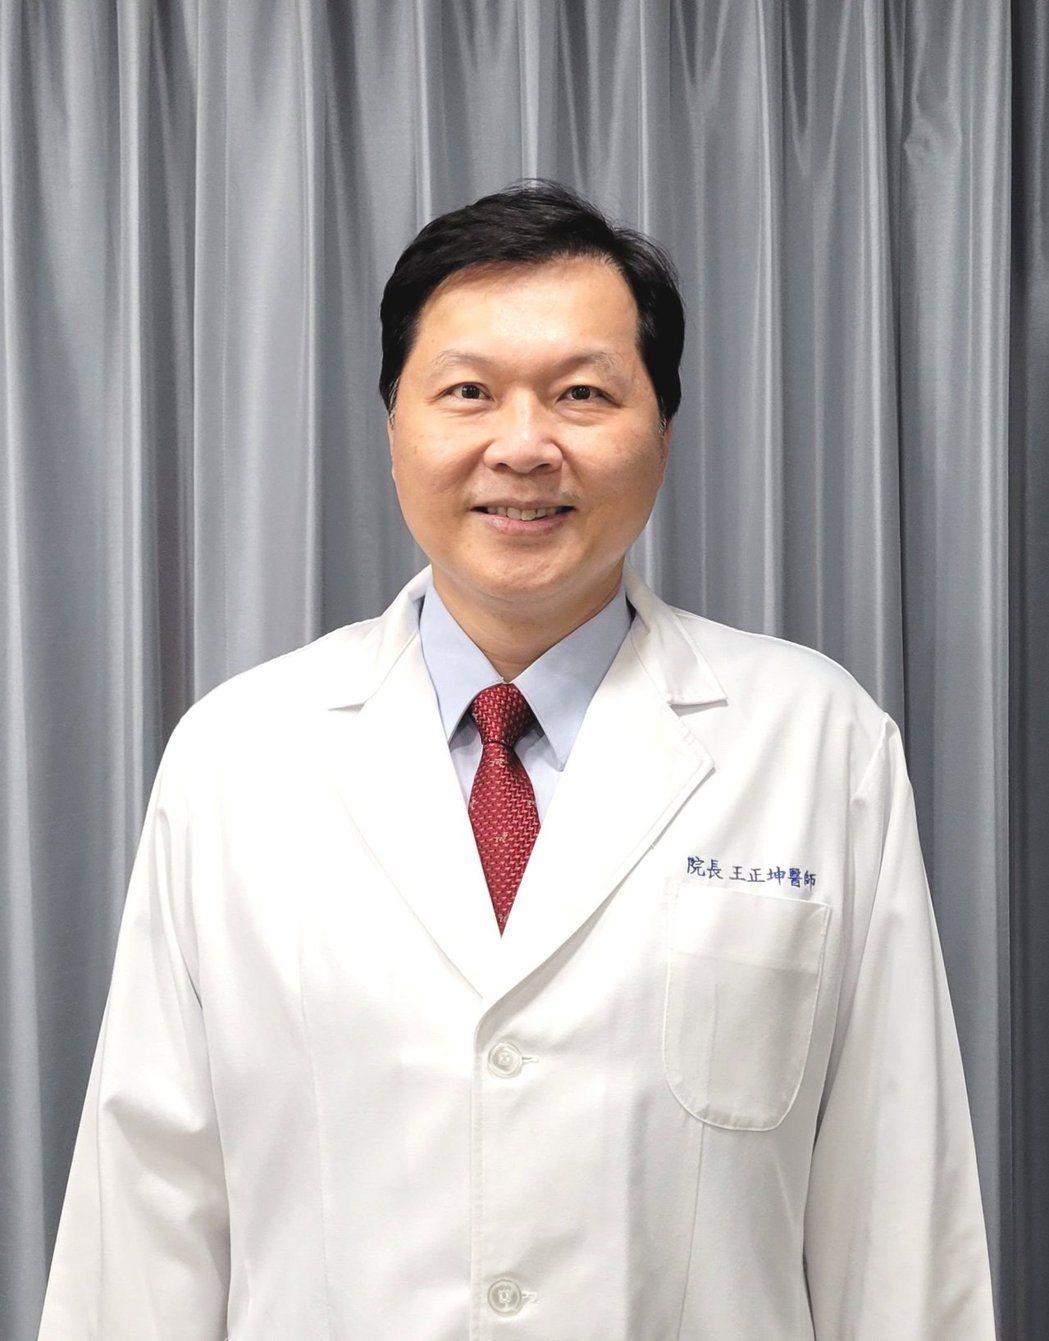 王正坤醫師本身是皮膚科專科醫師,也是企管學博士,更是羽球迷。 王正坤醫師/提供